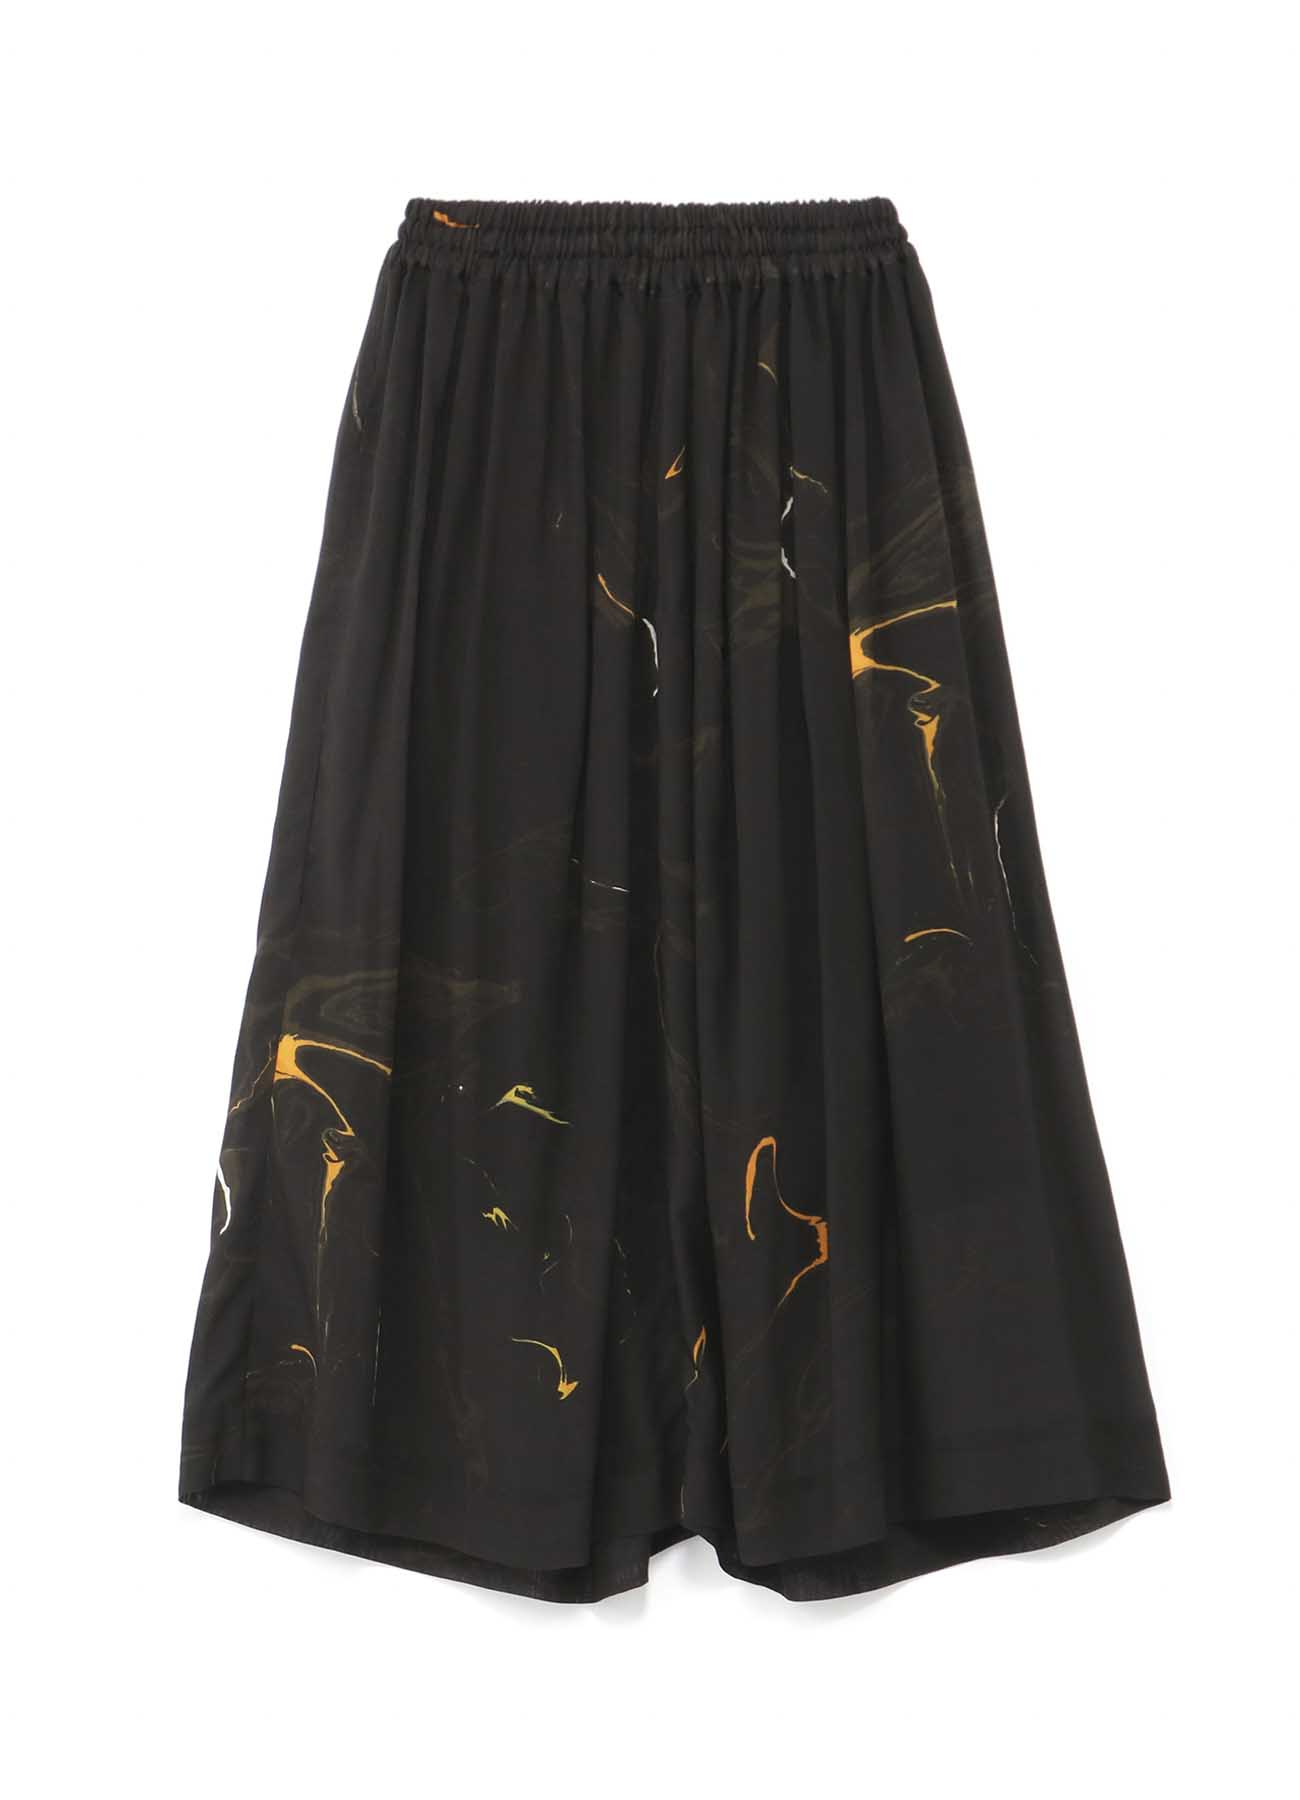 キュプラテンセルボイルマーブル柄プリント ギャザースカート